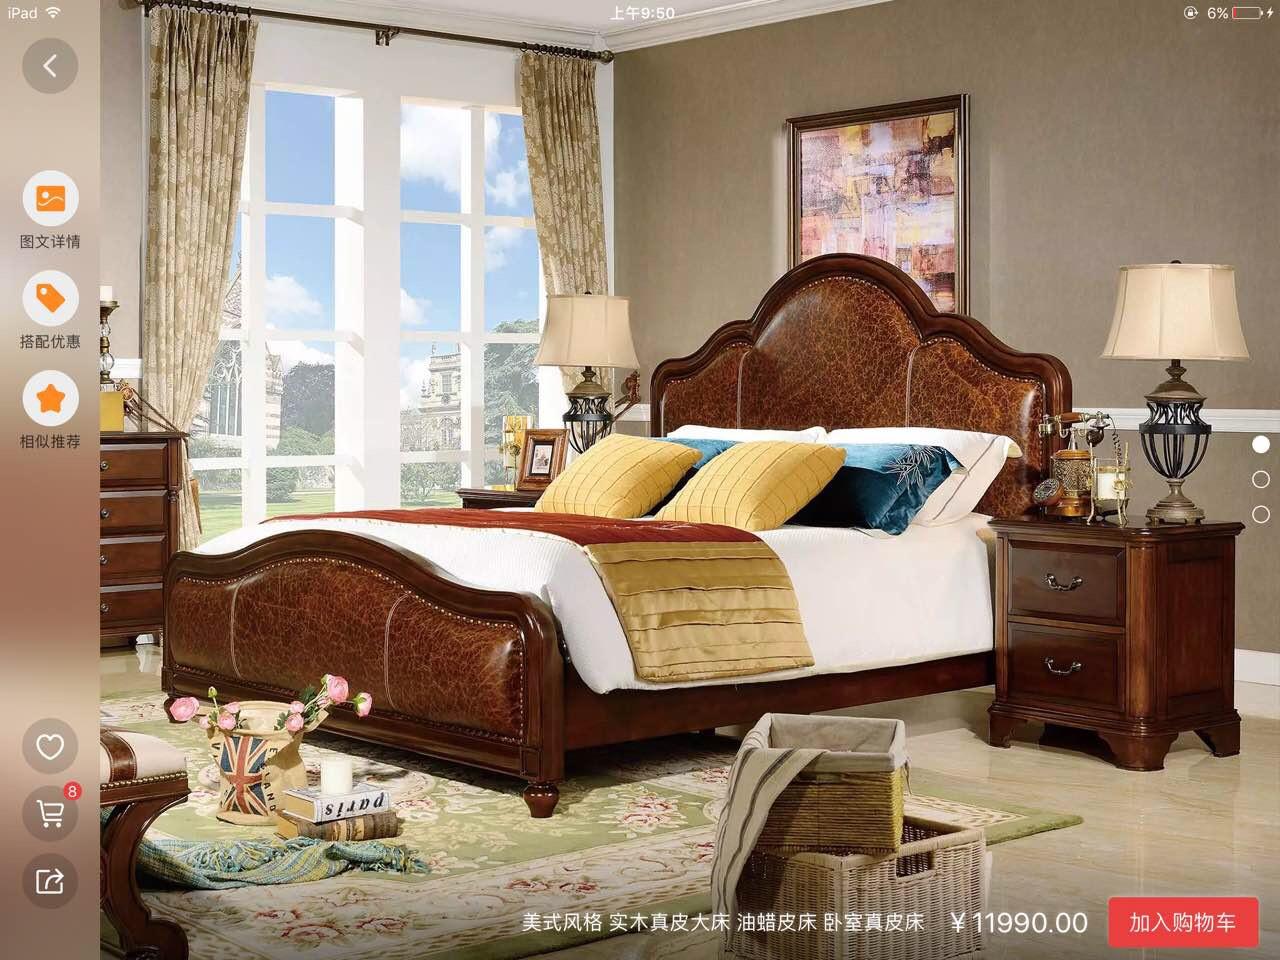 背景墙 床 房间 家居 家具 起居室 设计 卧室 卧室装修 现代 装修